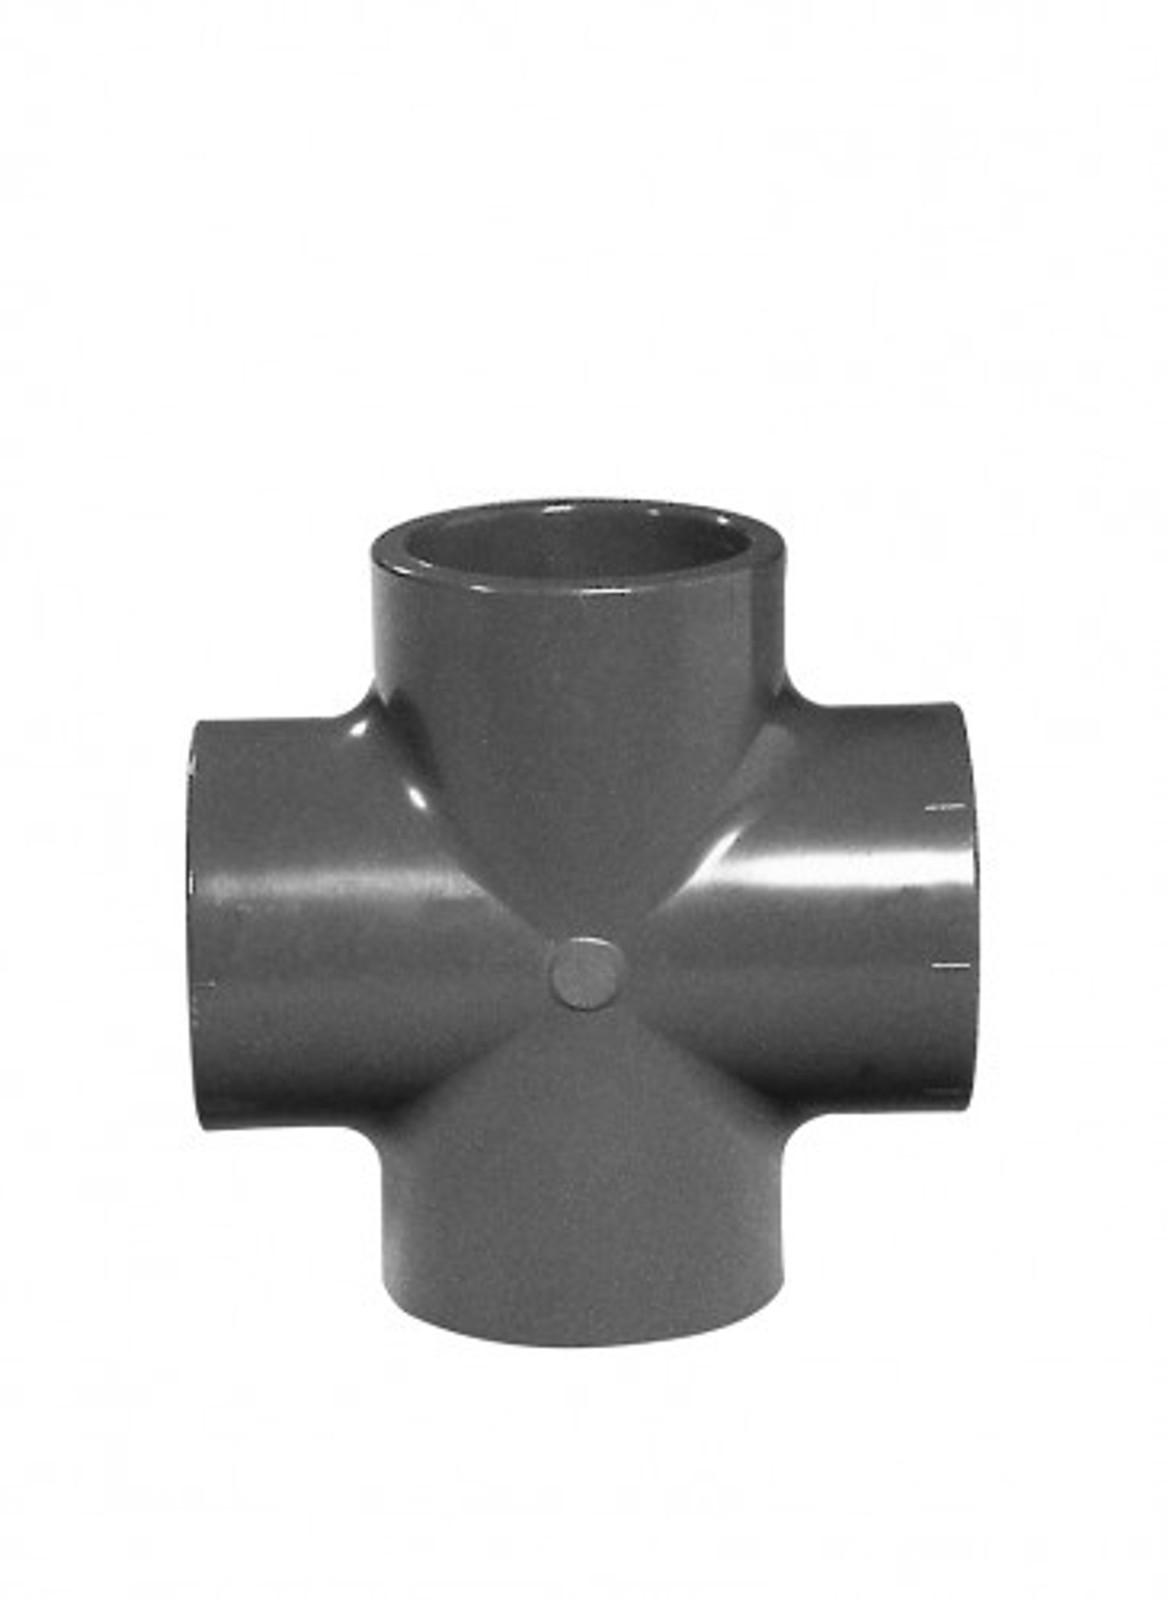 Kreuzstück 90°, 25 mm aus PVC